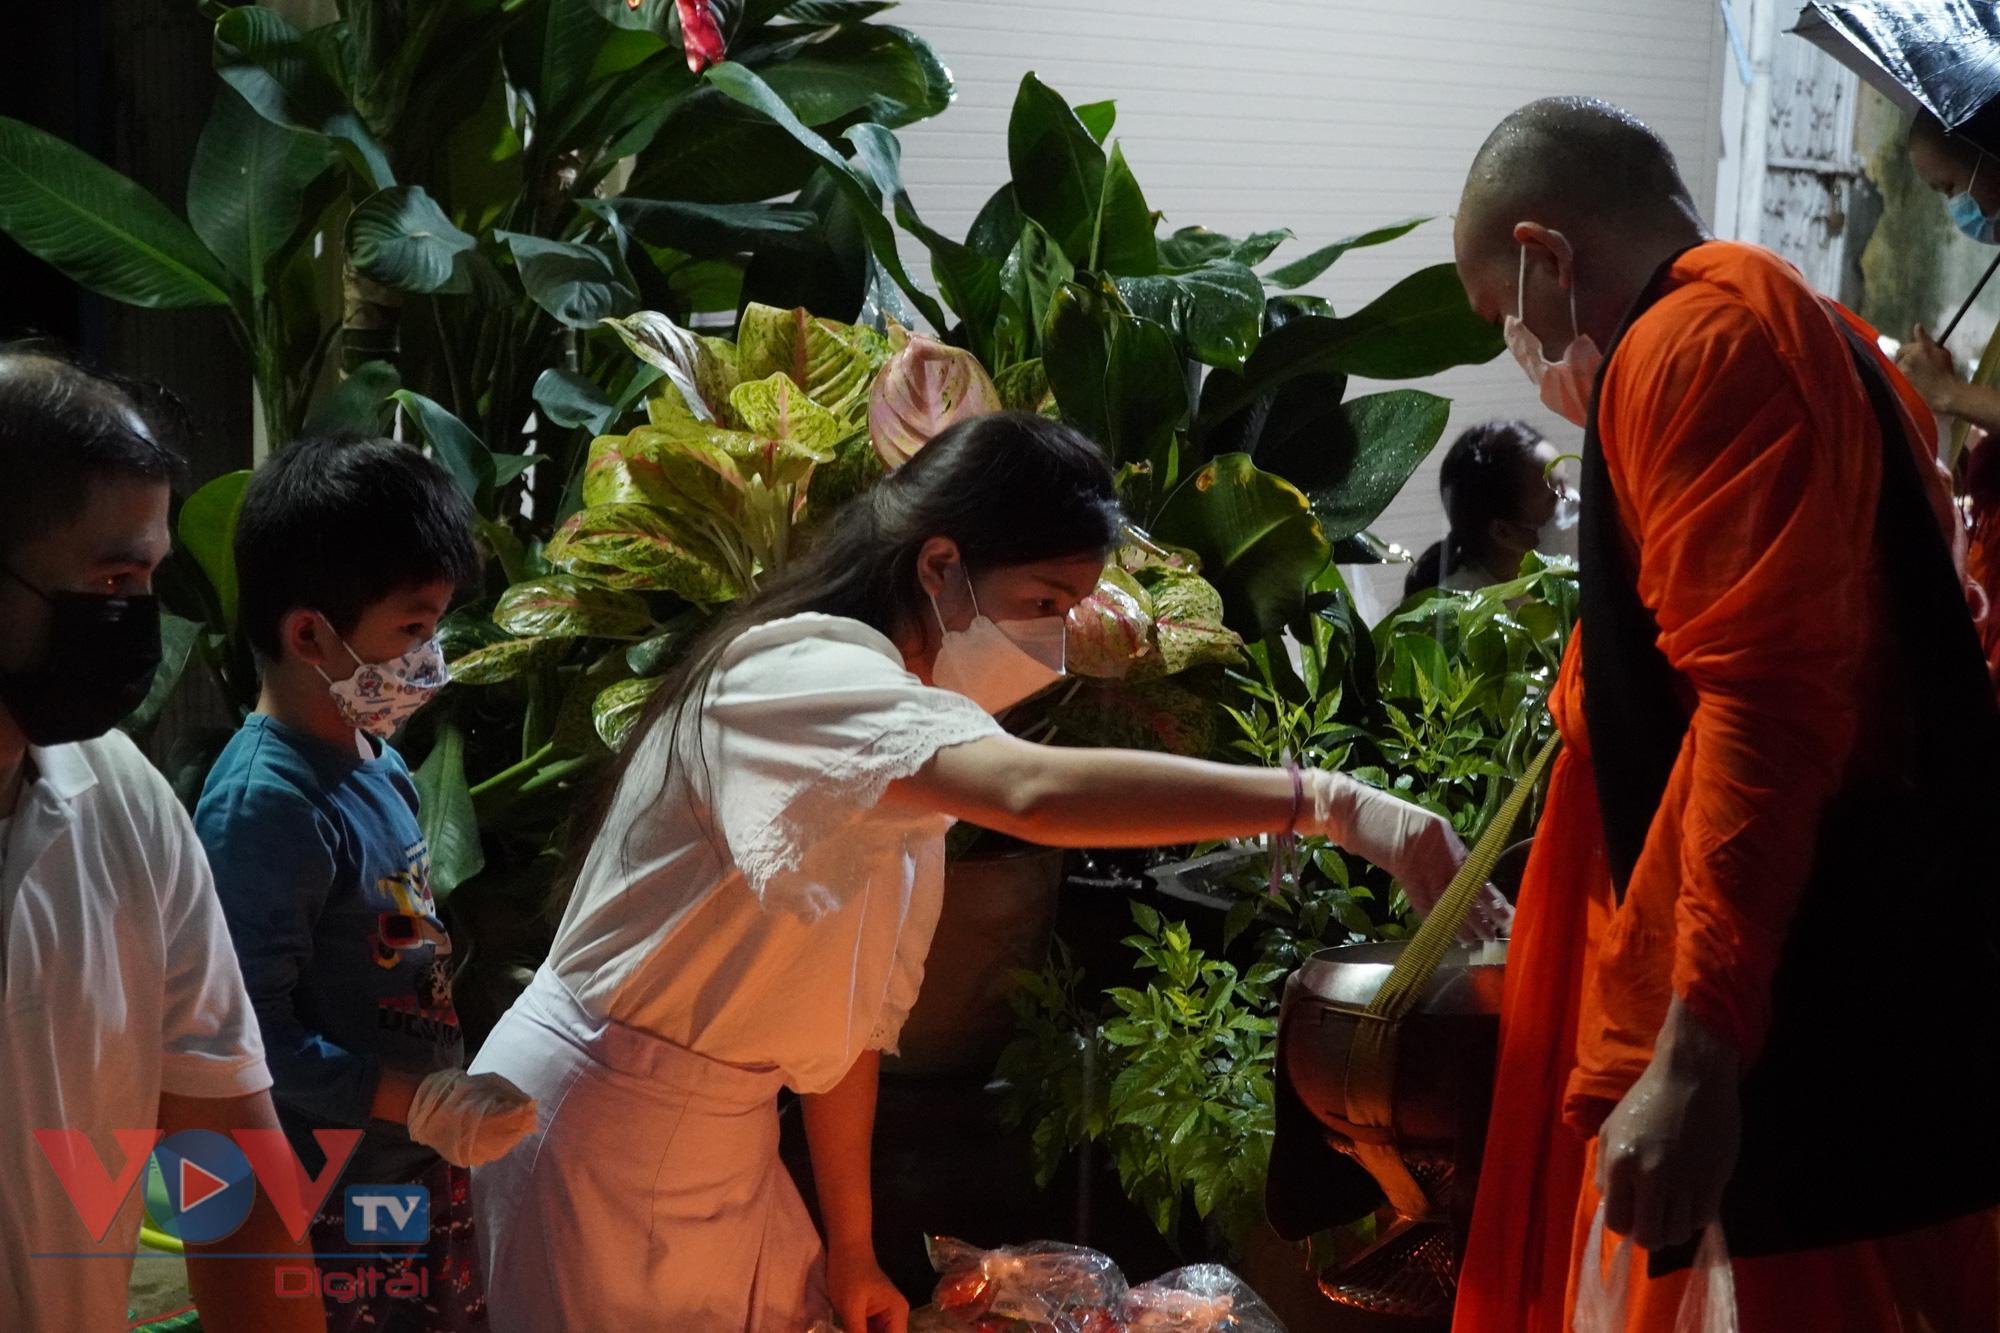 Con trai chị Chanxay còn bé nên có tính tò mò tìm hiểu về nghi lễ Xaybath. Chị cho biết, đây cũng là một cách để mình dạy con gìn giữ nét đẹp về văn hóa, phong tục tập quán